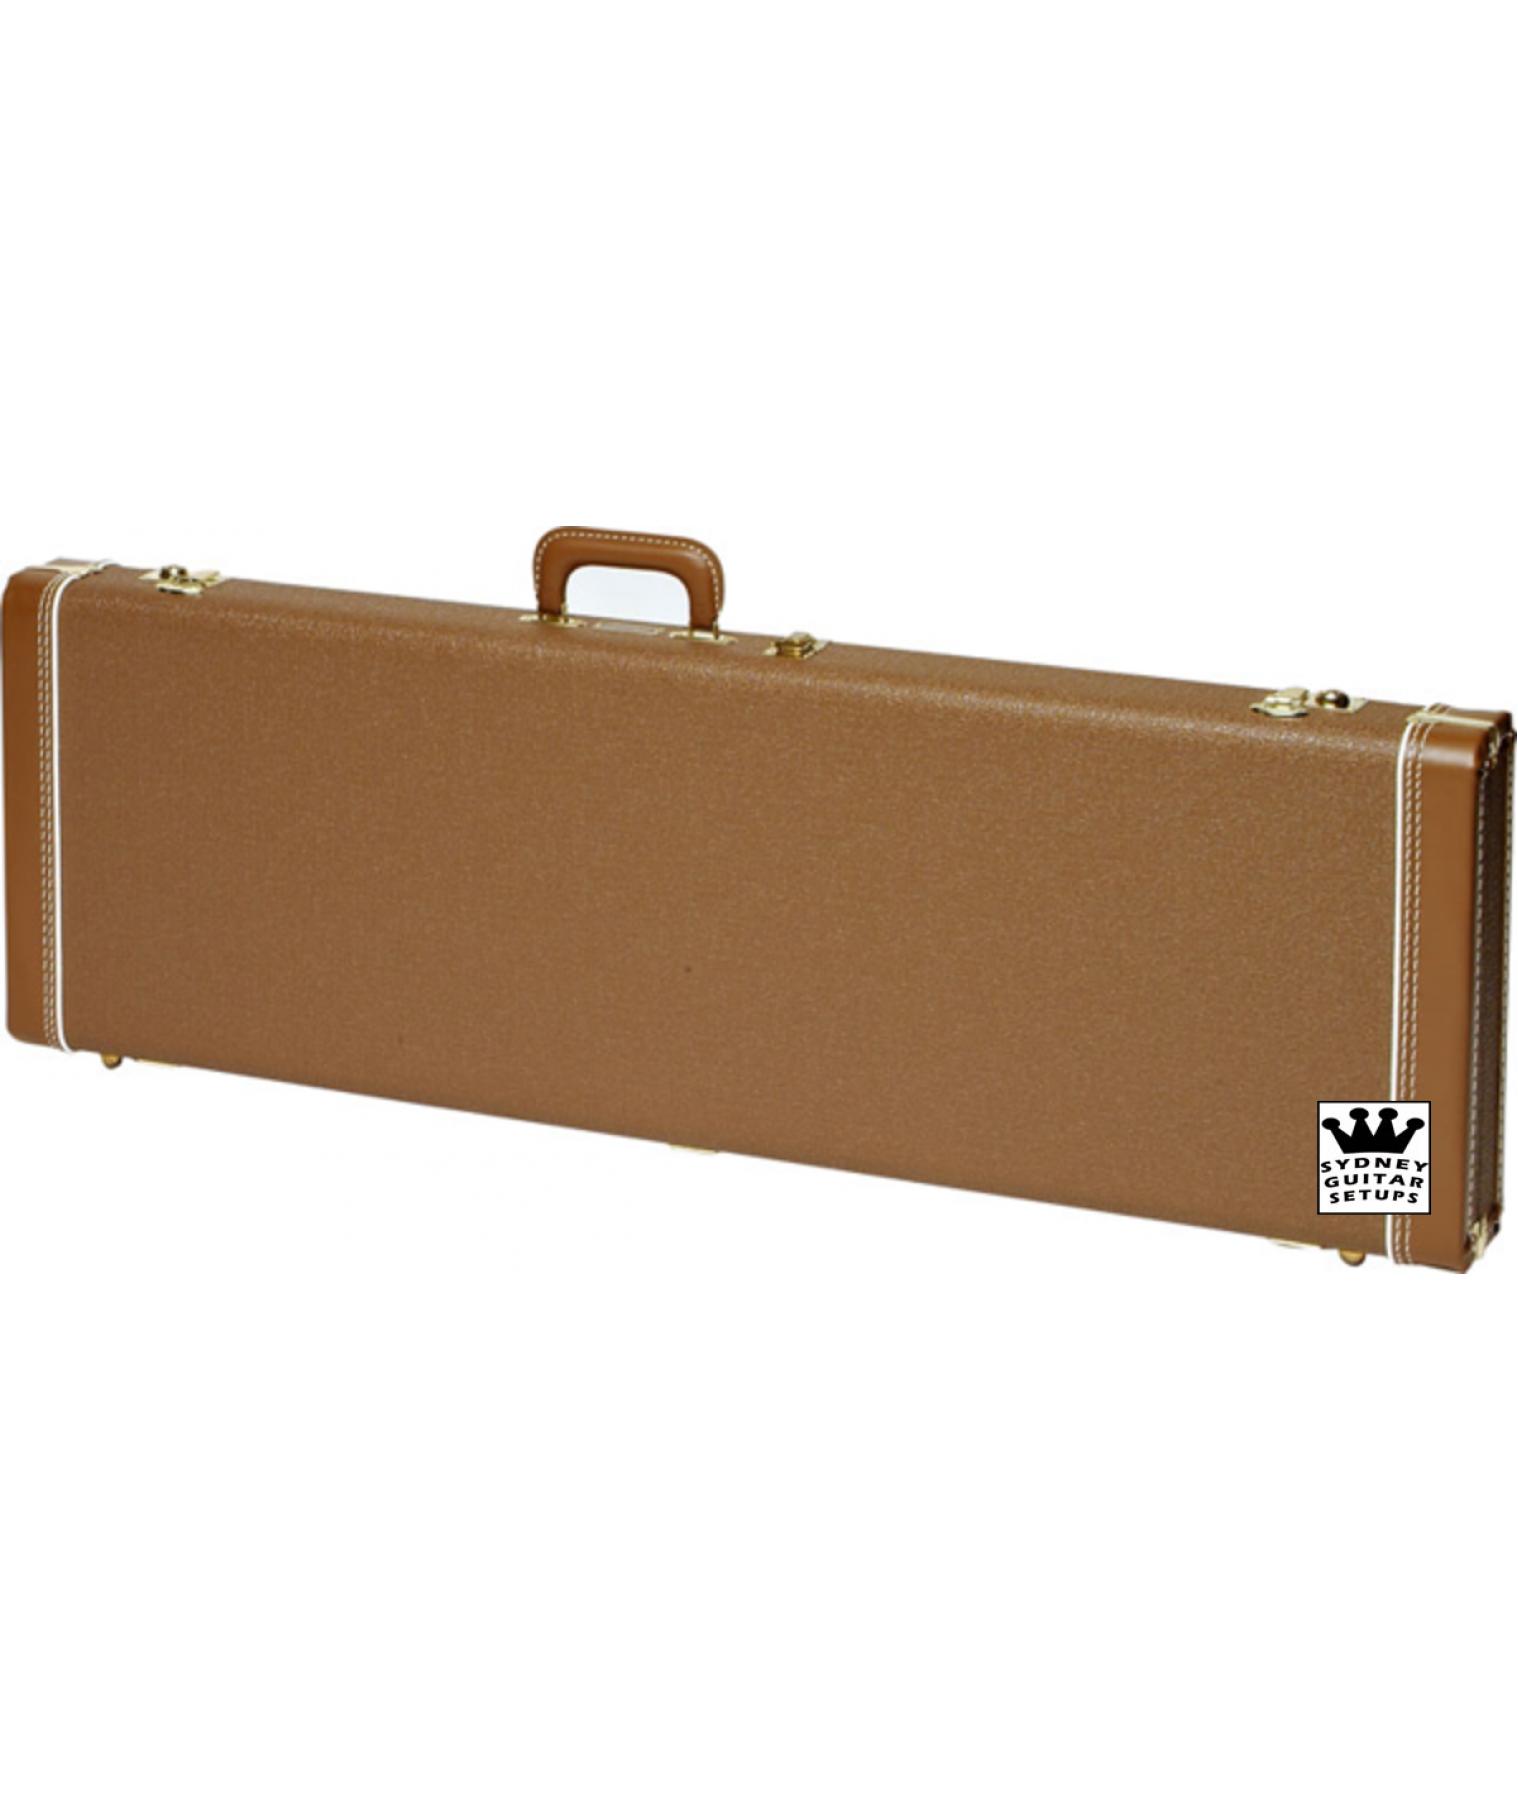 uv damaged jaguar toronado jagmaster fender deluxe brown hardshell case 0996118422. Black Bedroom Furniture Sets. Home Design Ideas